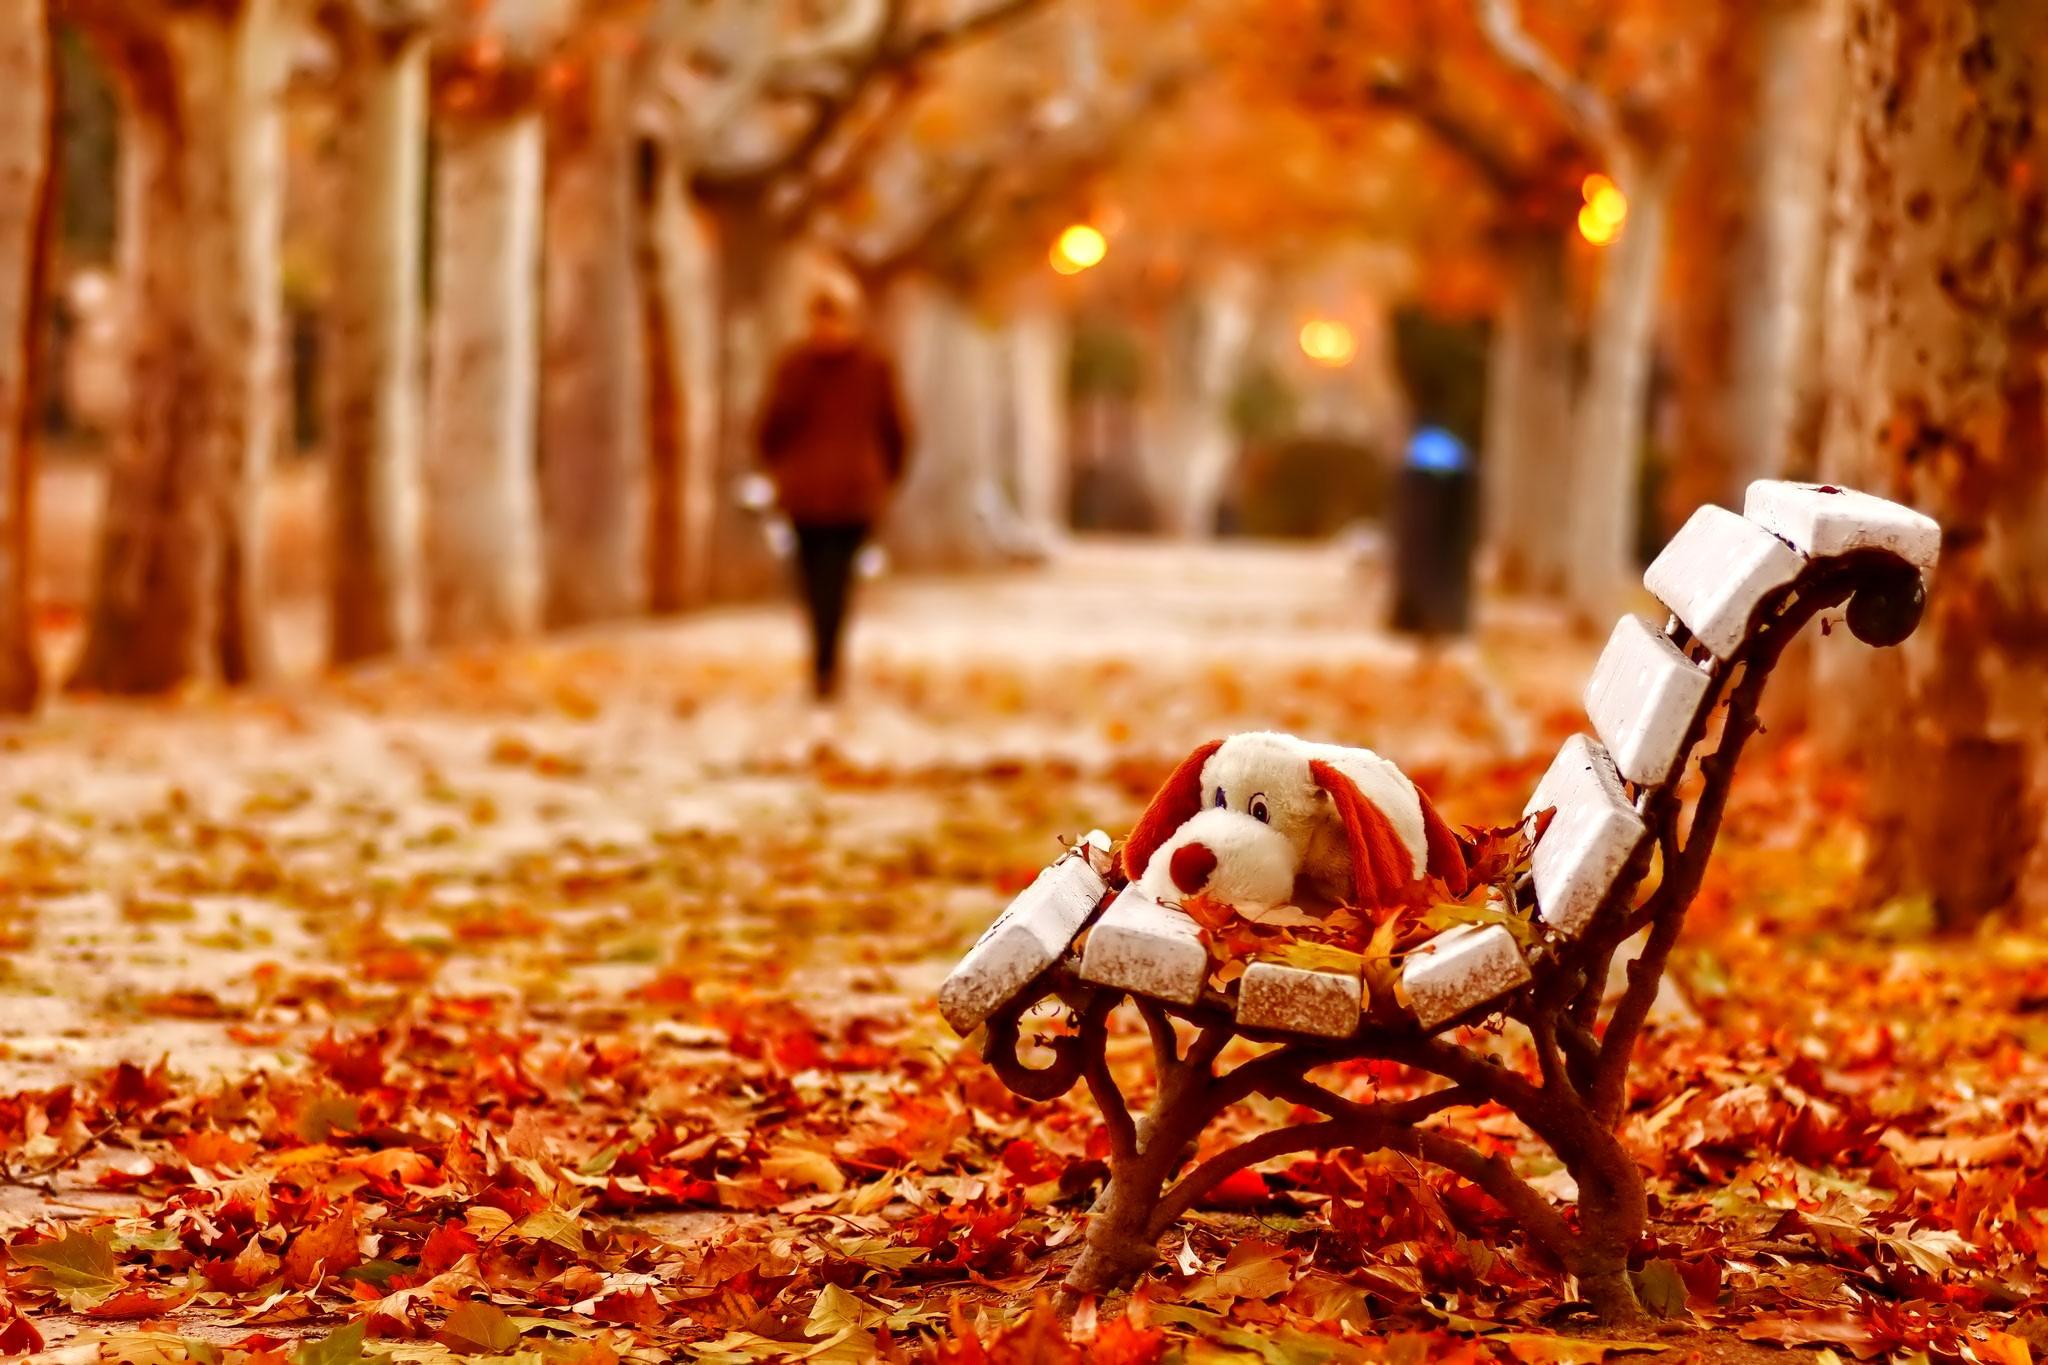 رومانتیک ترین نوشته های عاشقانه پاییز